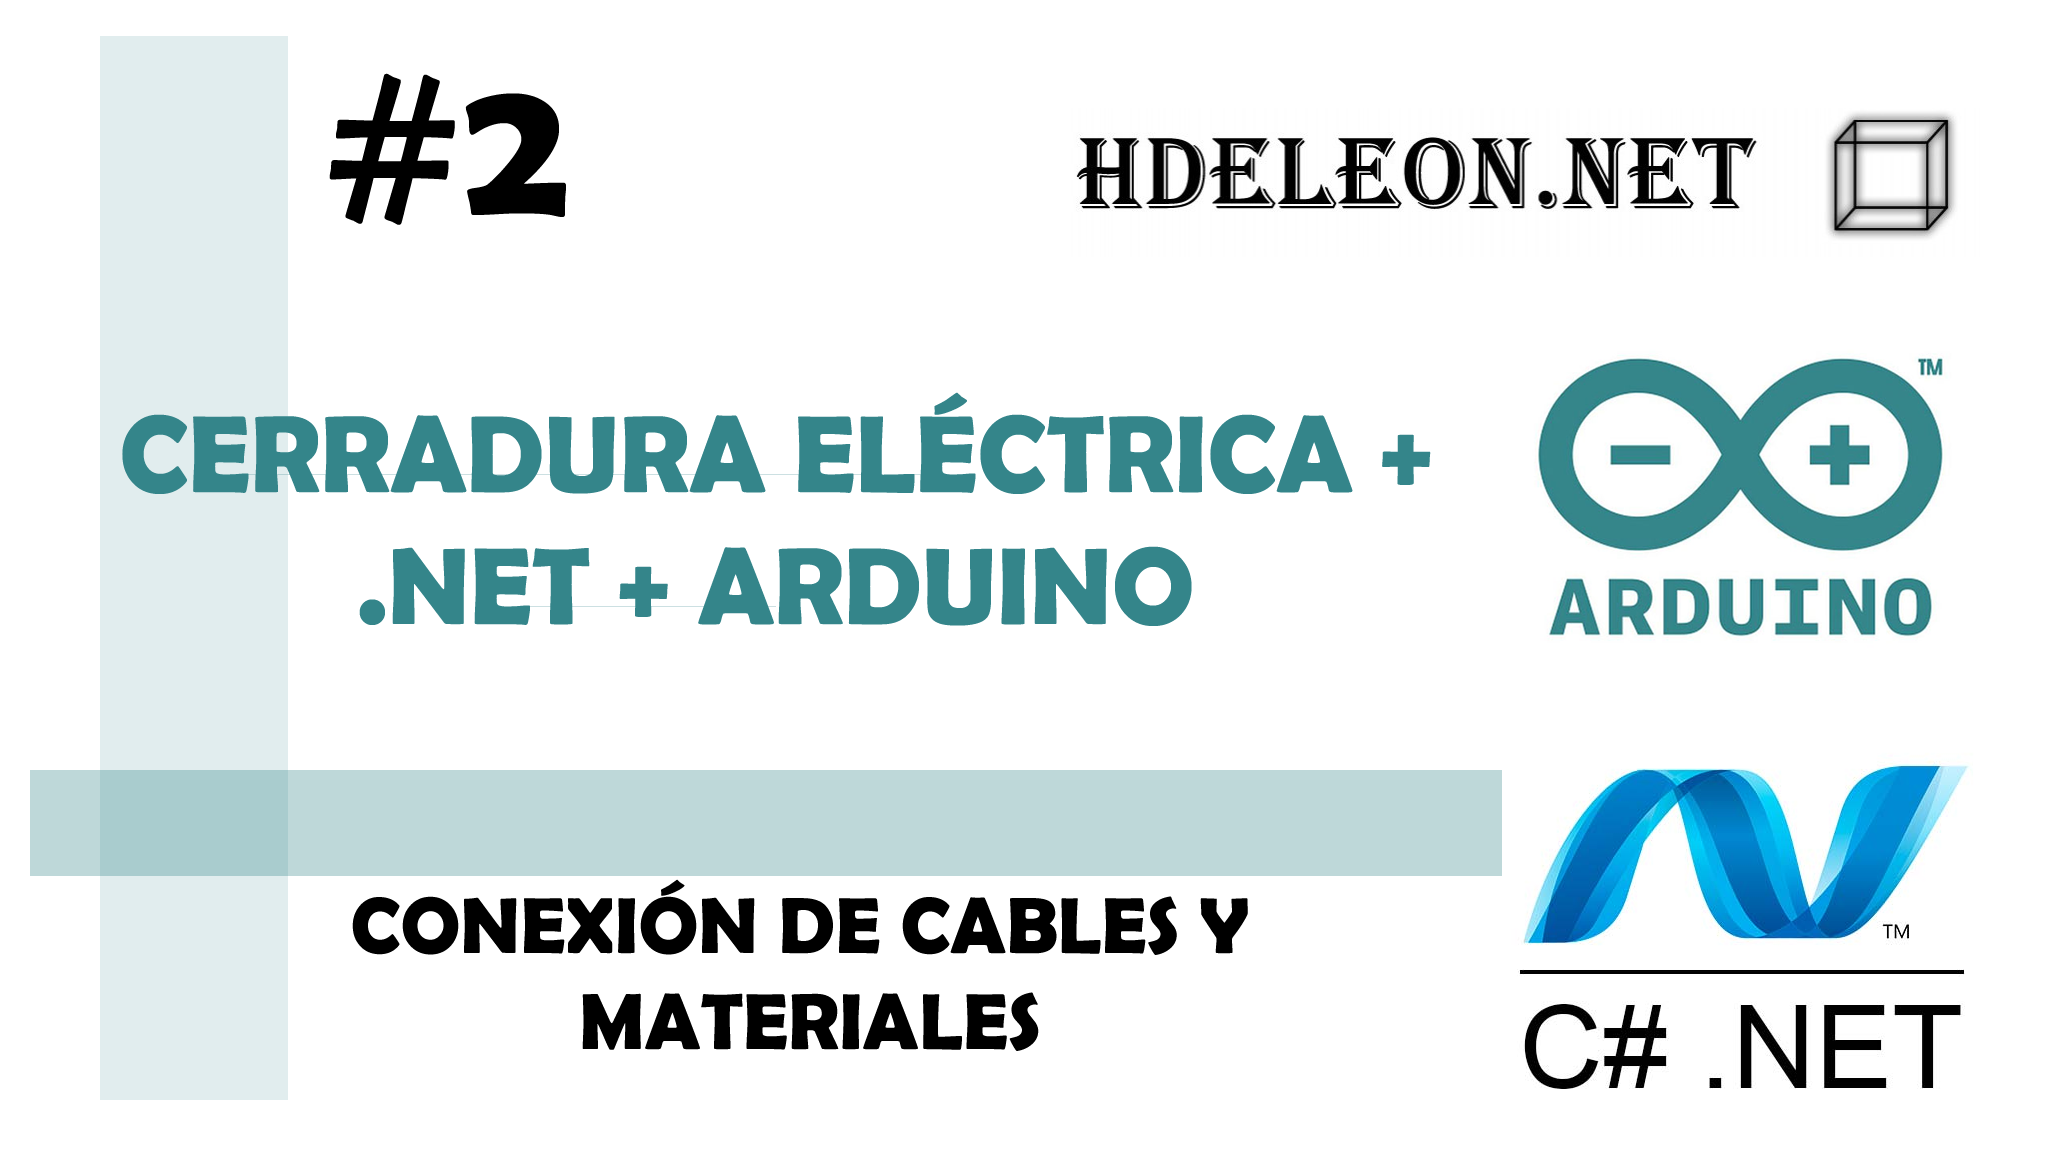 Curso para conectar Cerradura eléctrica con .Net y Arduino, Conexiónes, #2